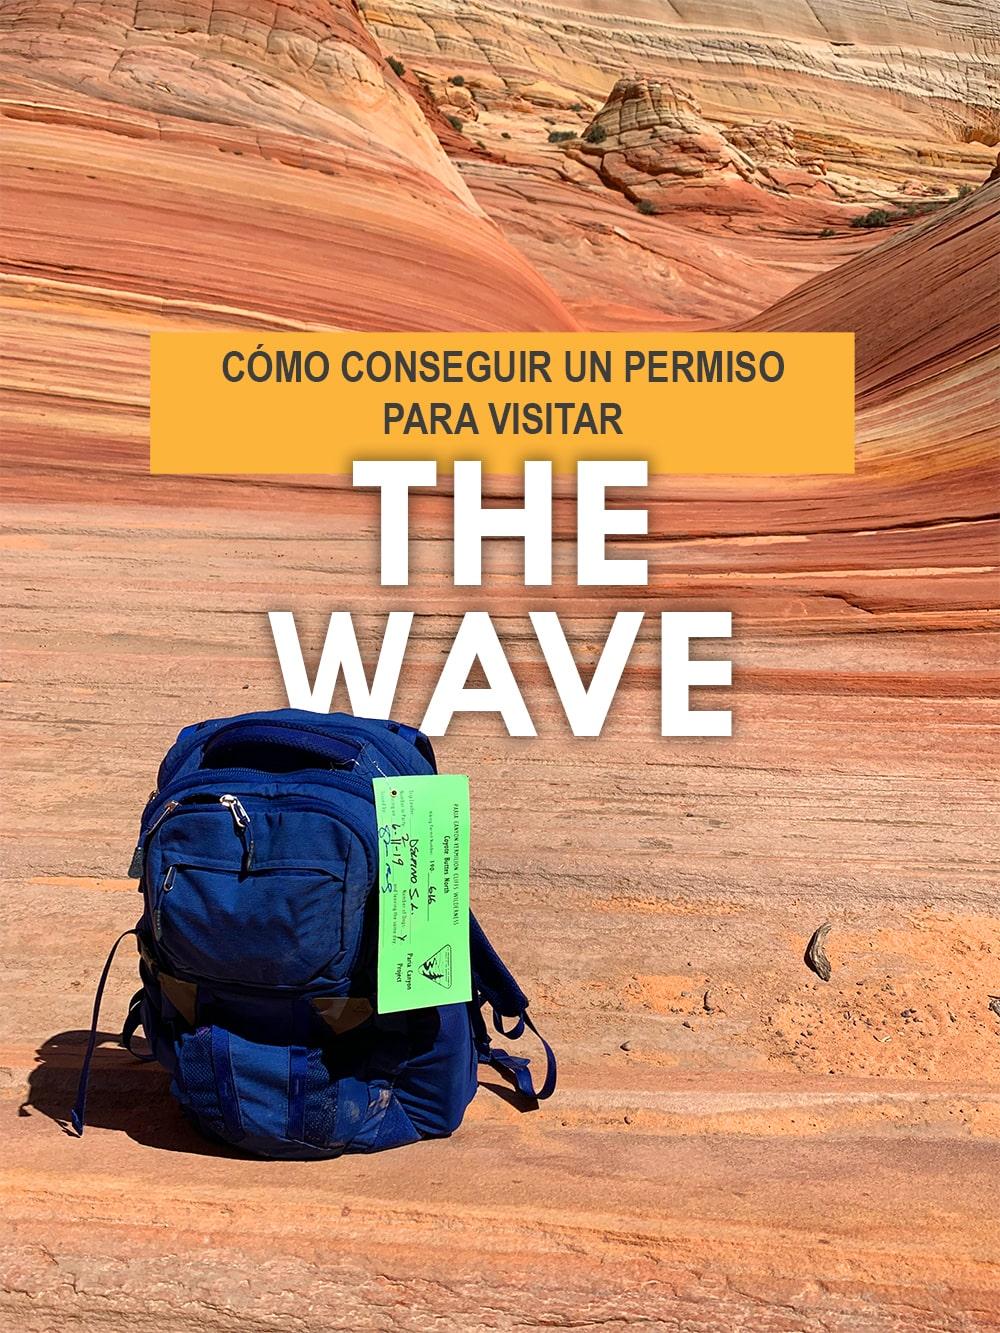 CÓMO CONSEGUIR UN PERMISO PARA VISITAR THE WAVE LA OLA PETRIFICADA